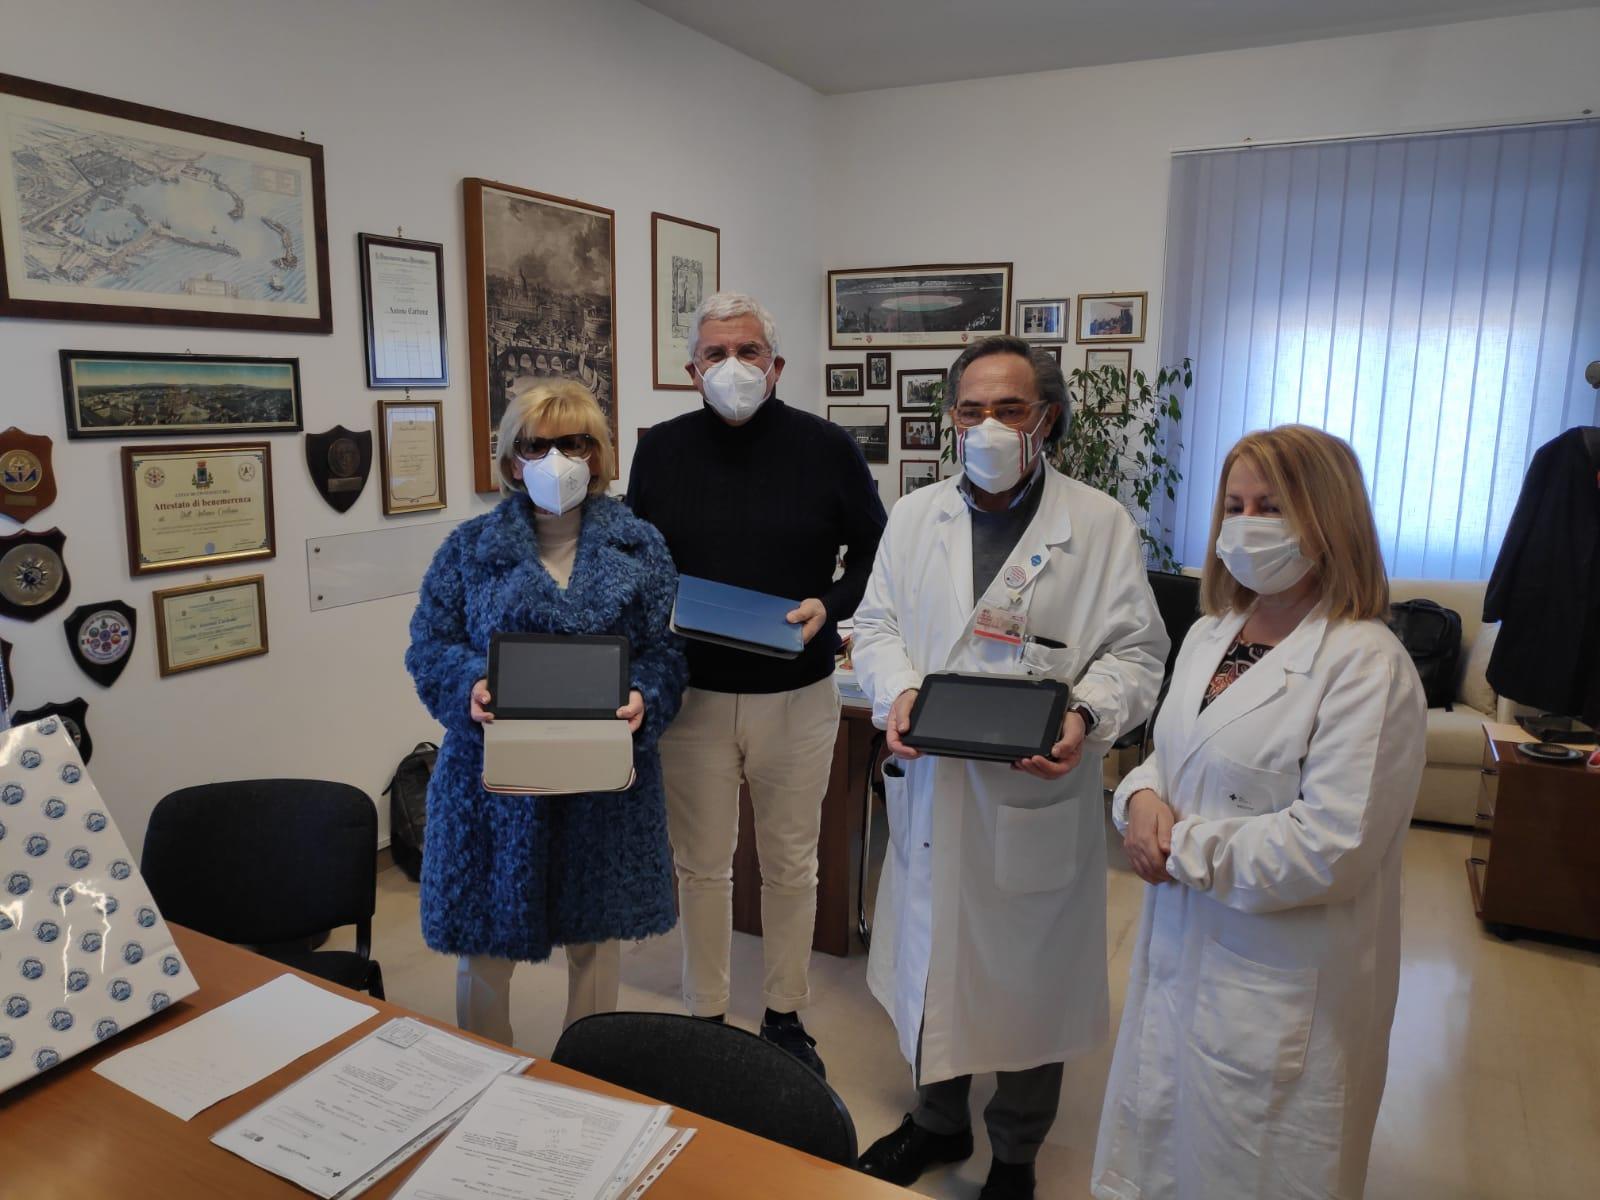 Ospedale san paolo, donati 8 tablet per i degenti